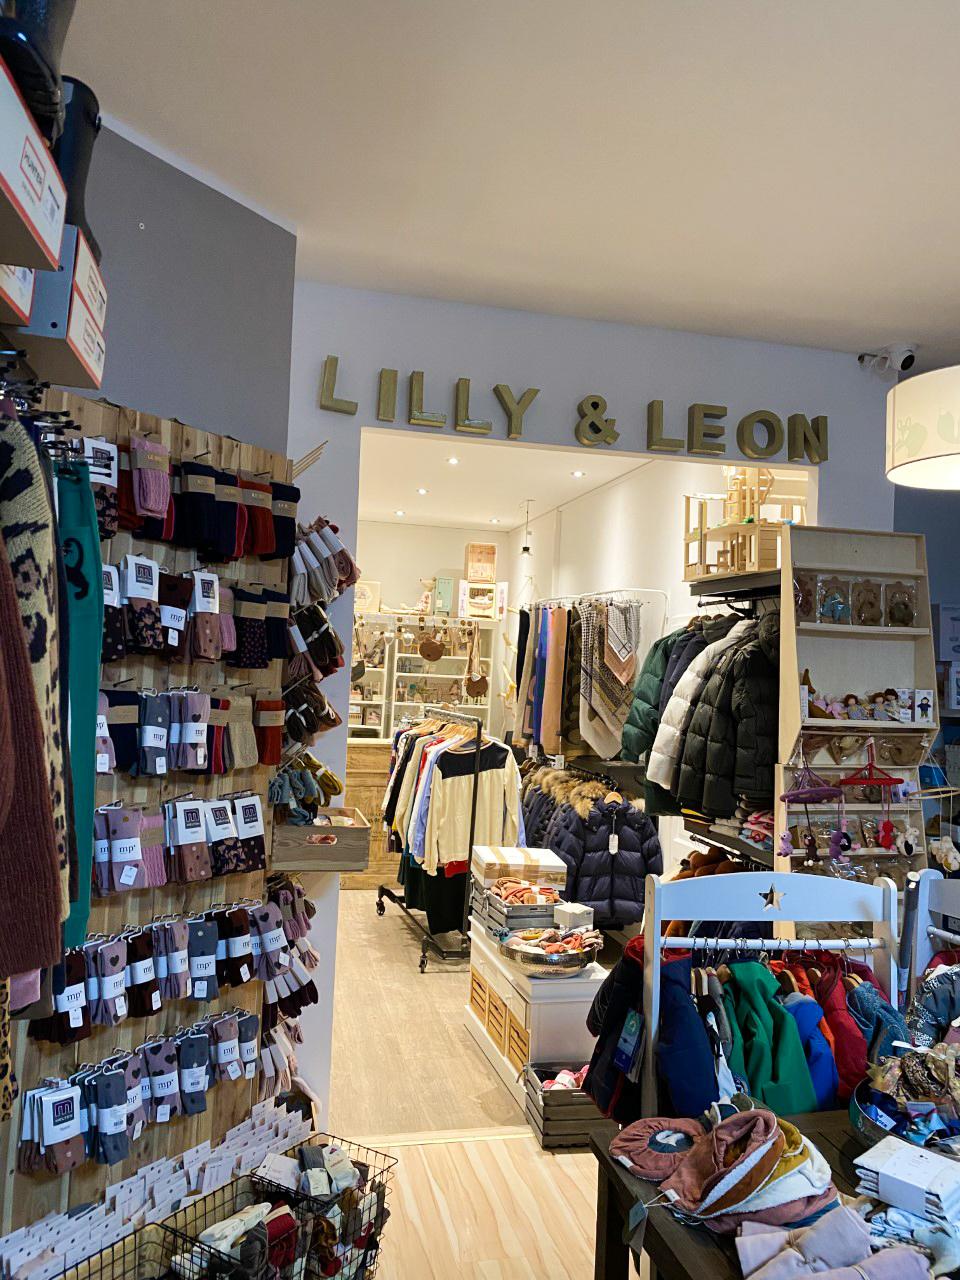 Kinderläden Der Konzeptstore für Baby- und Kinderbedarf Lilly & Leon in Charlottenburg ist eine echte Empehlung.